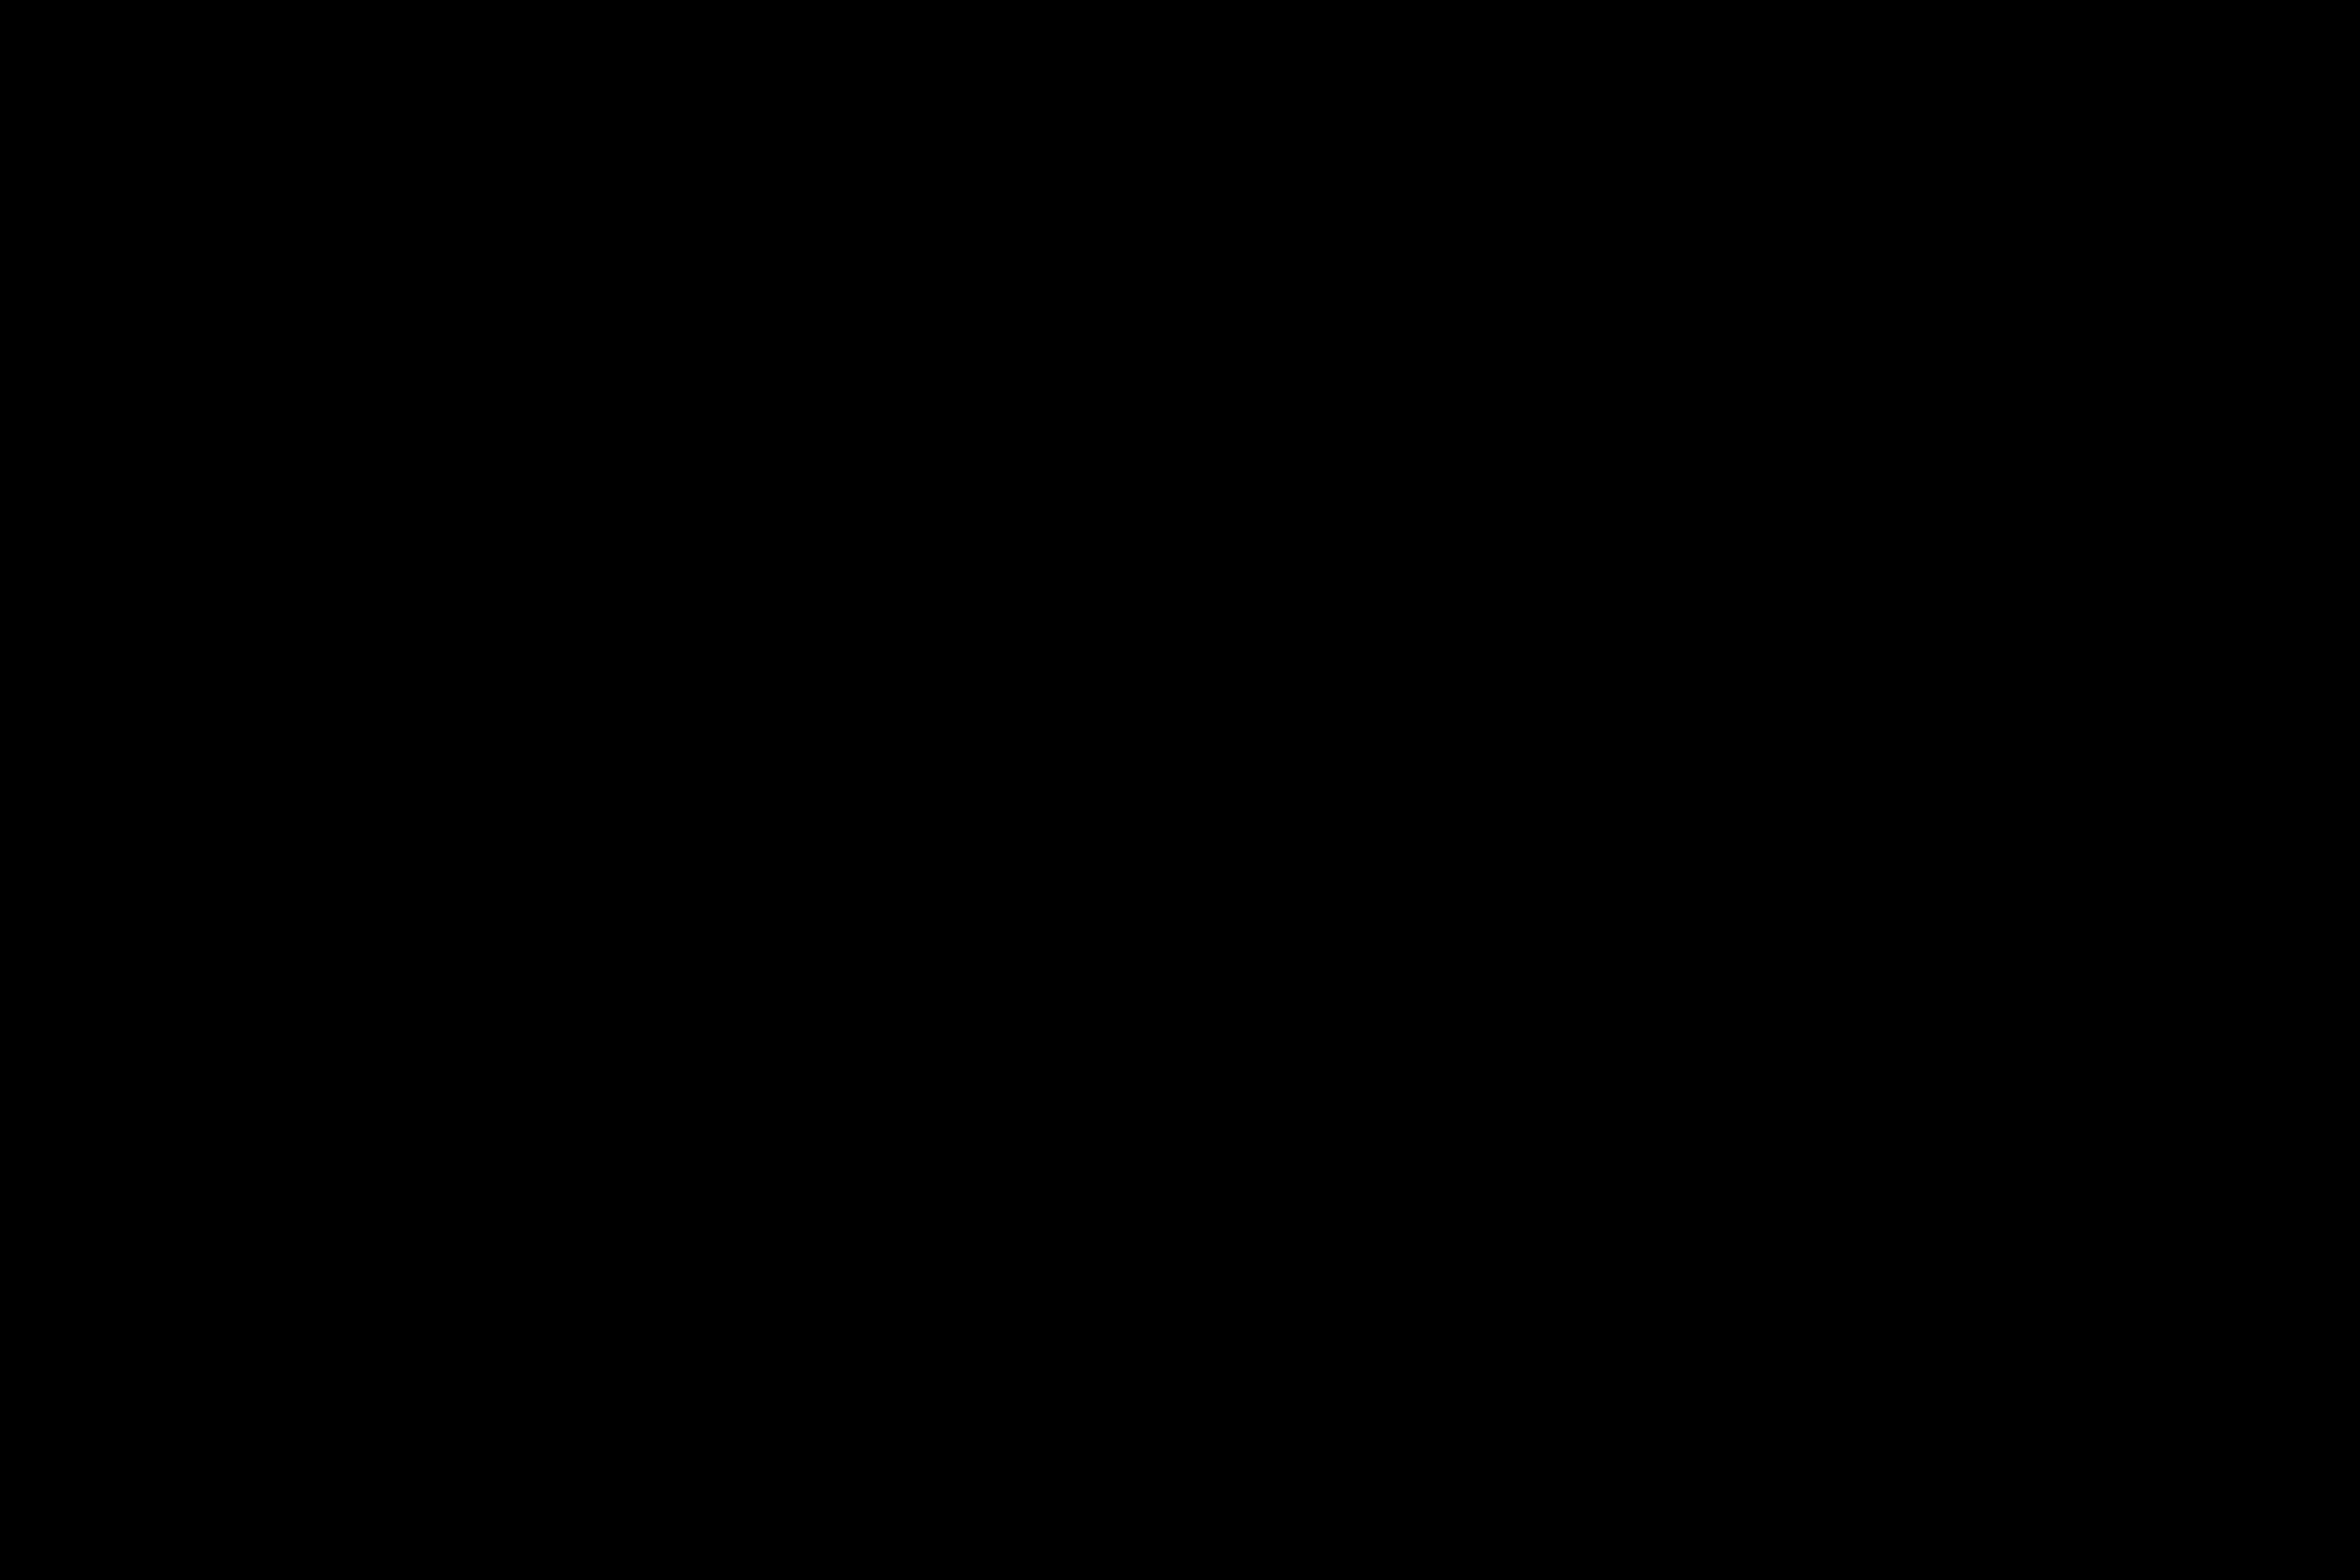 Logos_MASTER_IBM Center.png